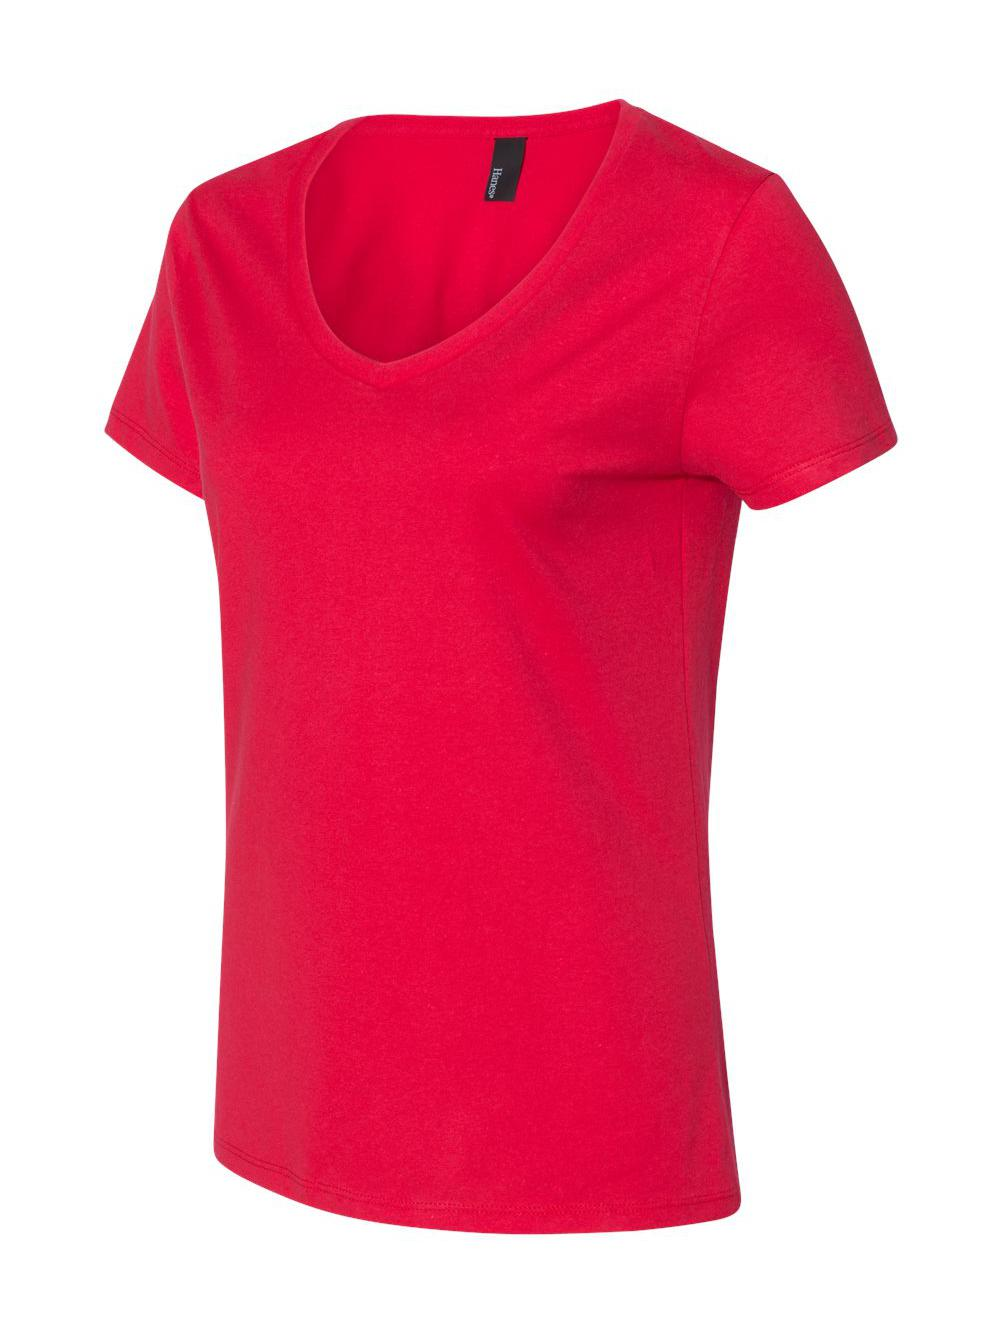 Hanes-Nano-T-Women-039-s-V-Neck-T-Shirt-S04V thumbnail 2